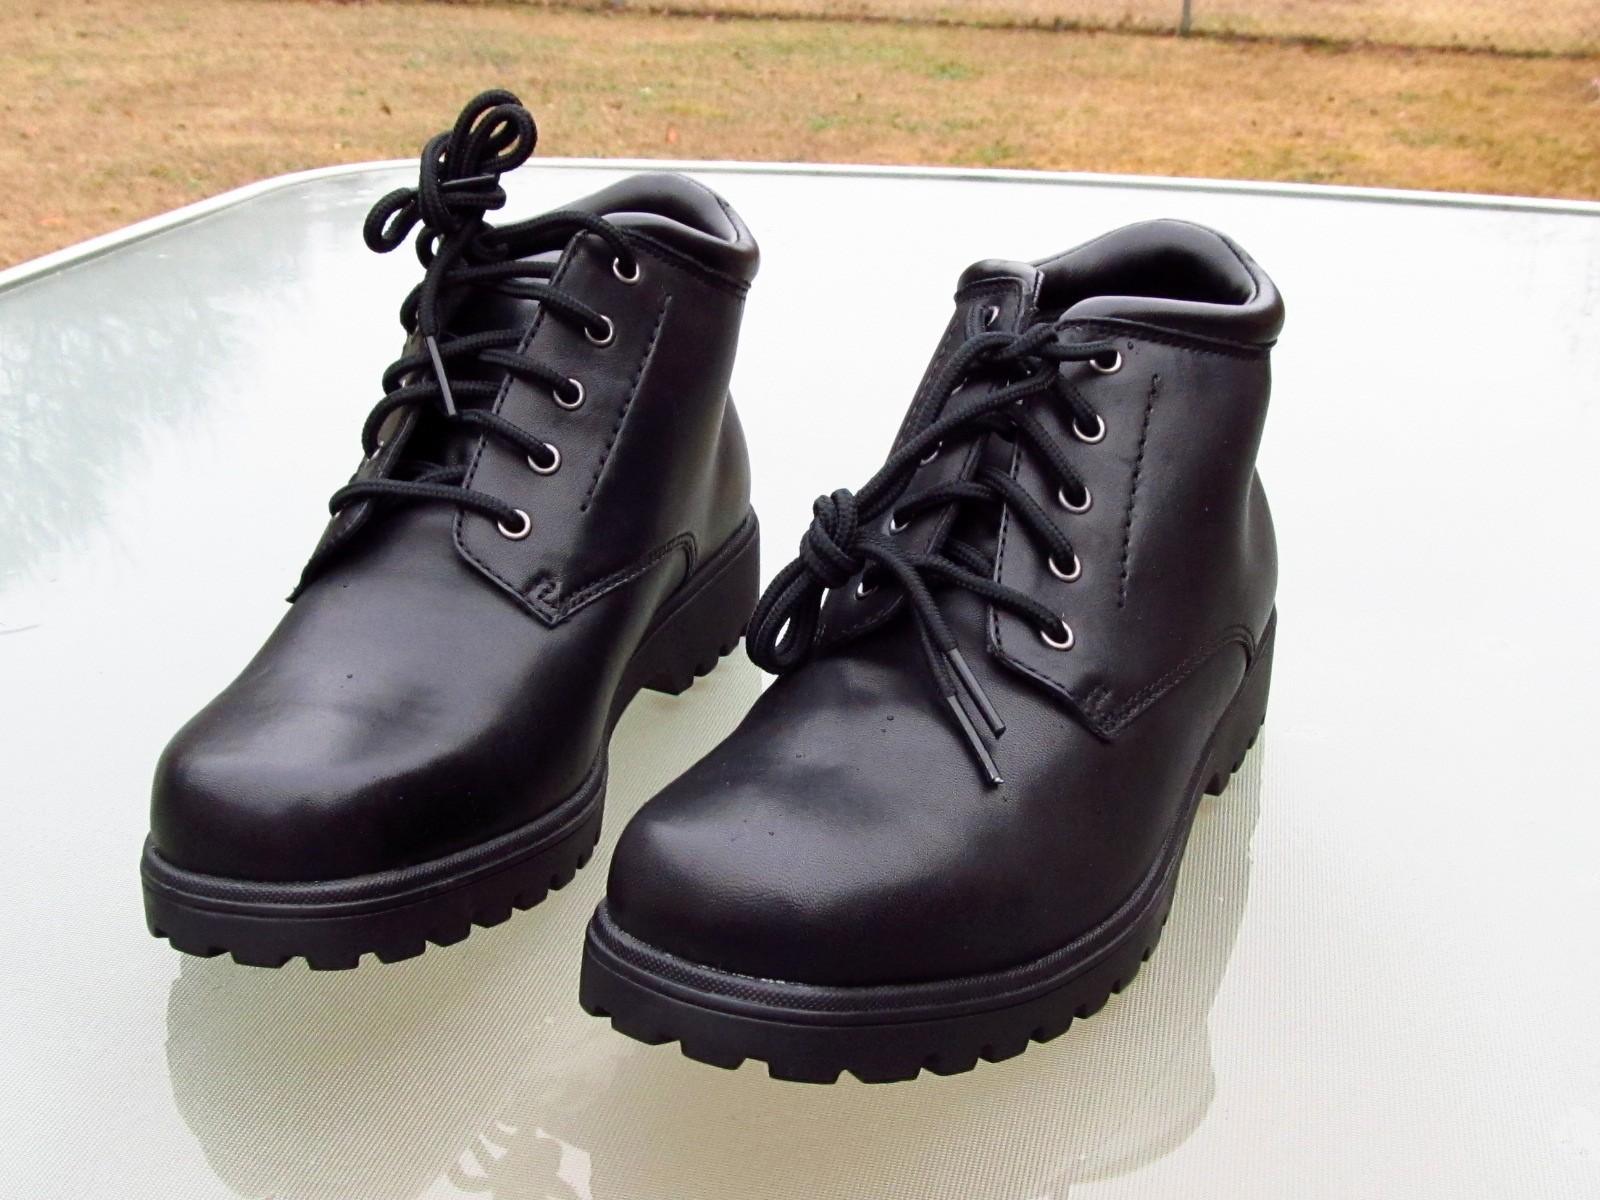 CROFT & BARROW RETREAT Ankle High Black Boots Unused Ladies sz 6 Med image 2